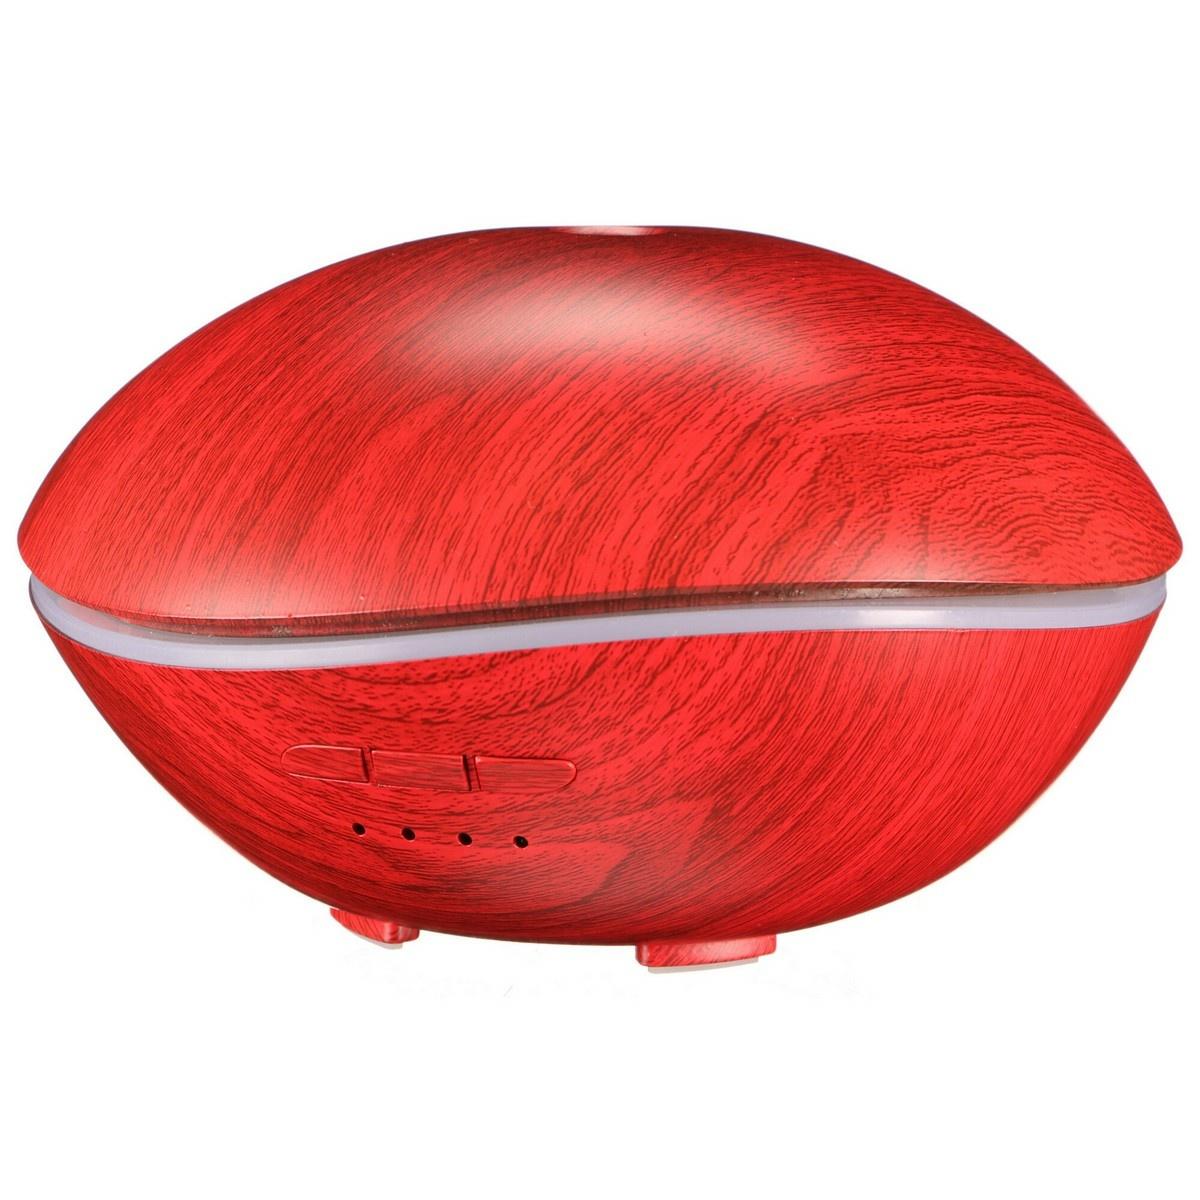 Sixtol Aróma difuzér Stone červené drevo, 500 ml